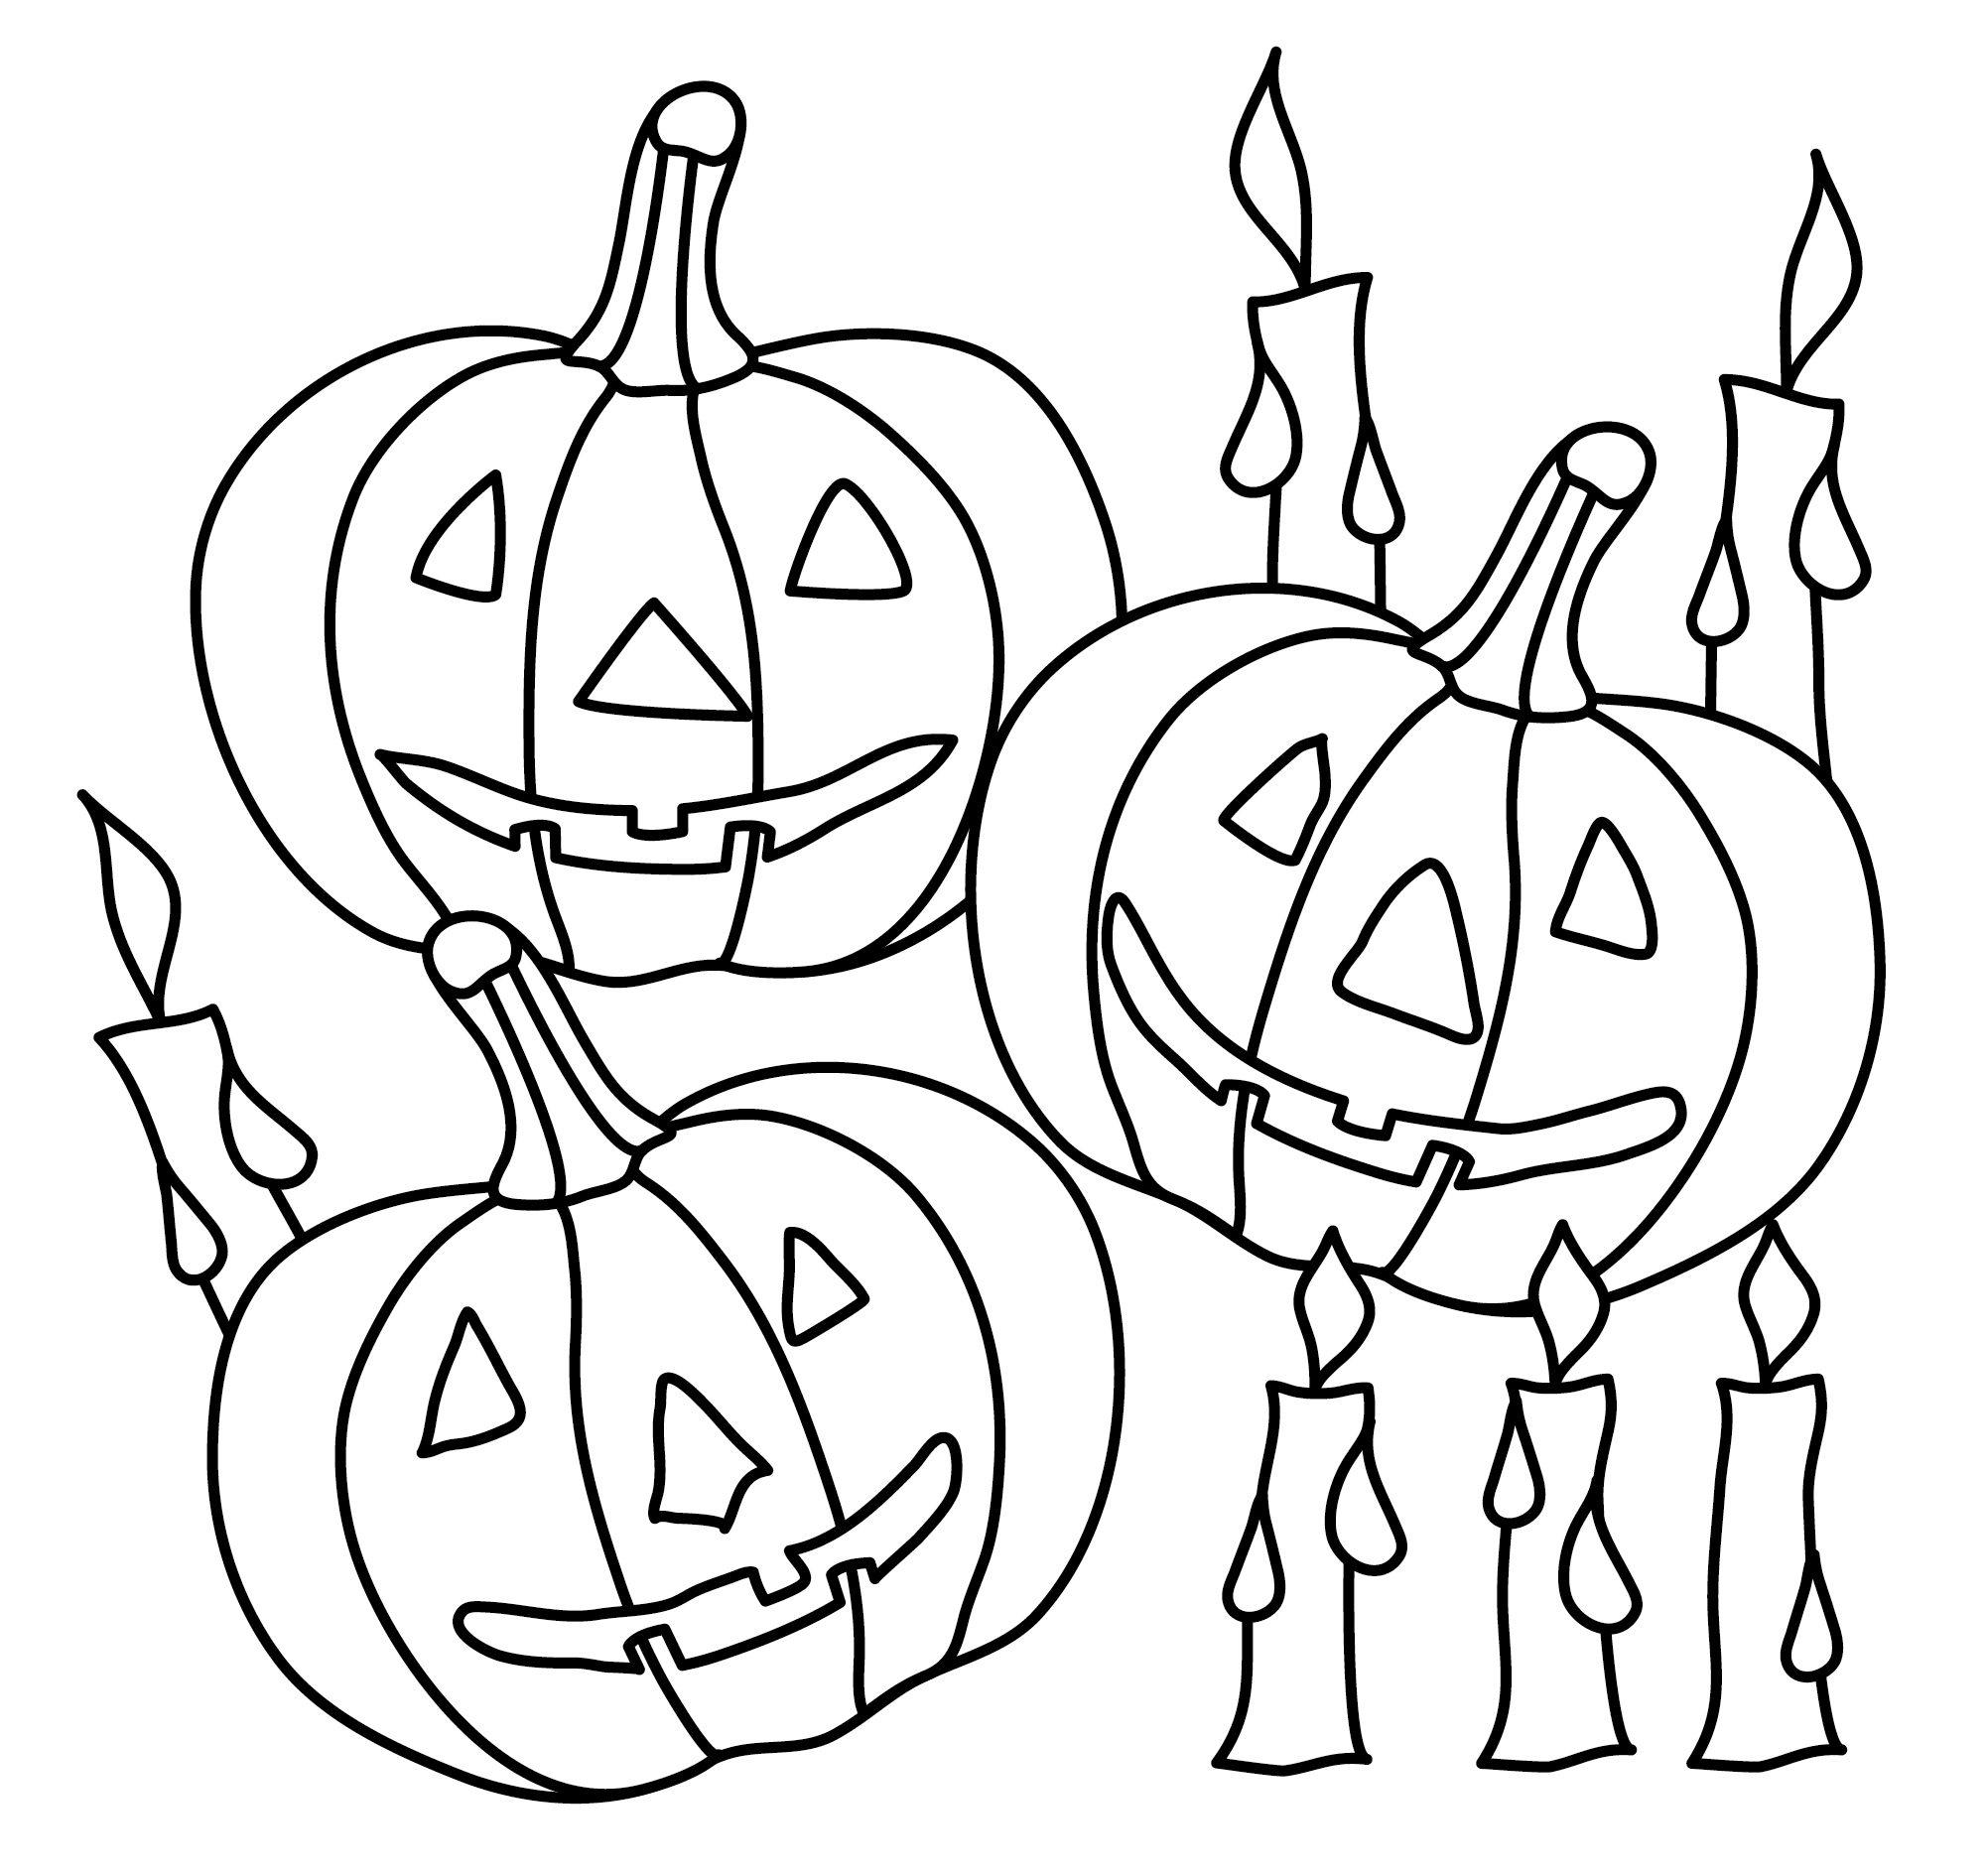 Ausmalbilder Halloween - Halloween Vorlagen Ausdrucken ganzes Ausmalbilder Halloween Kostenlos